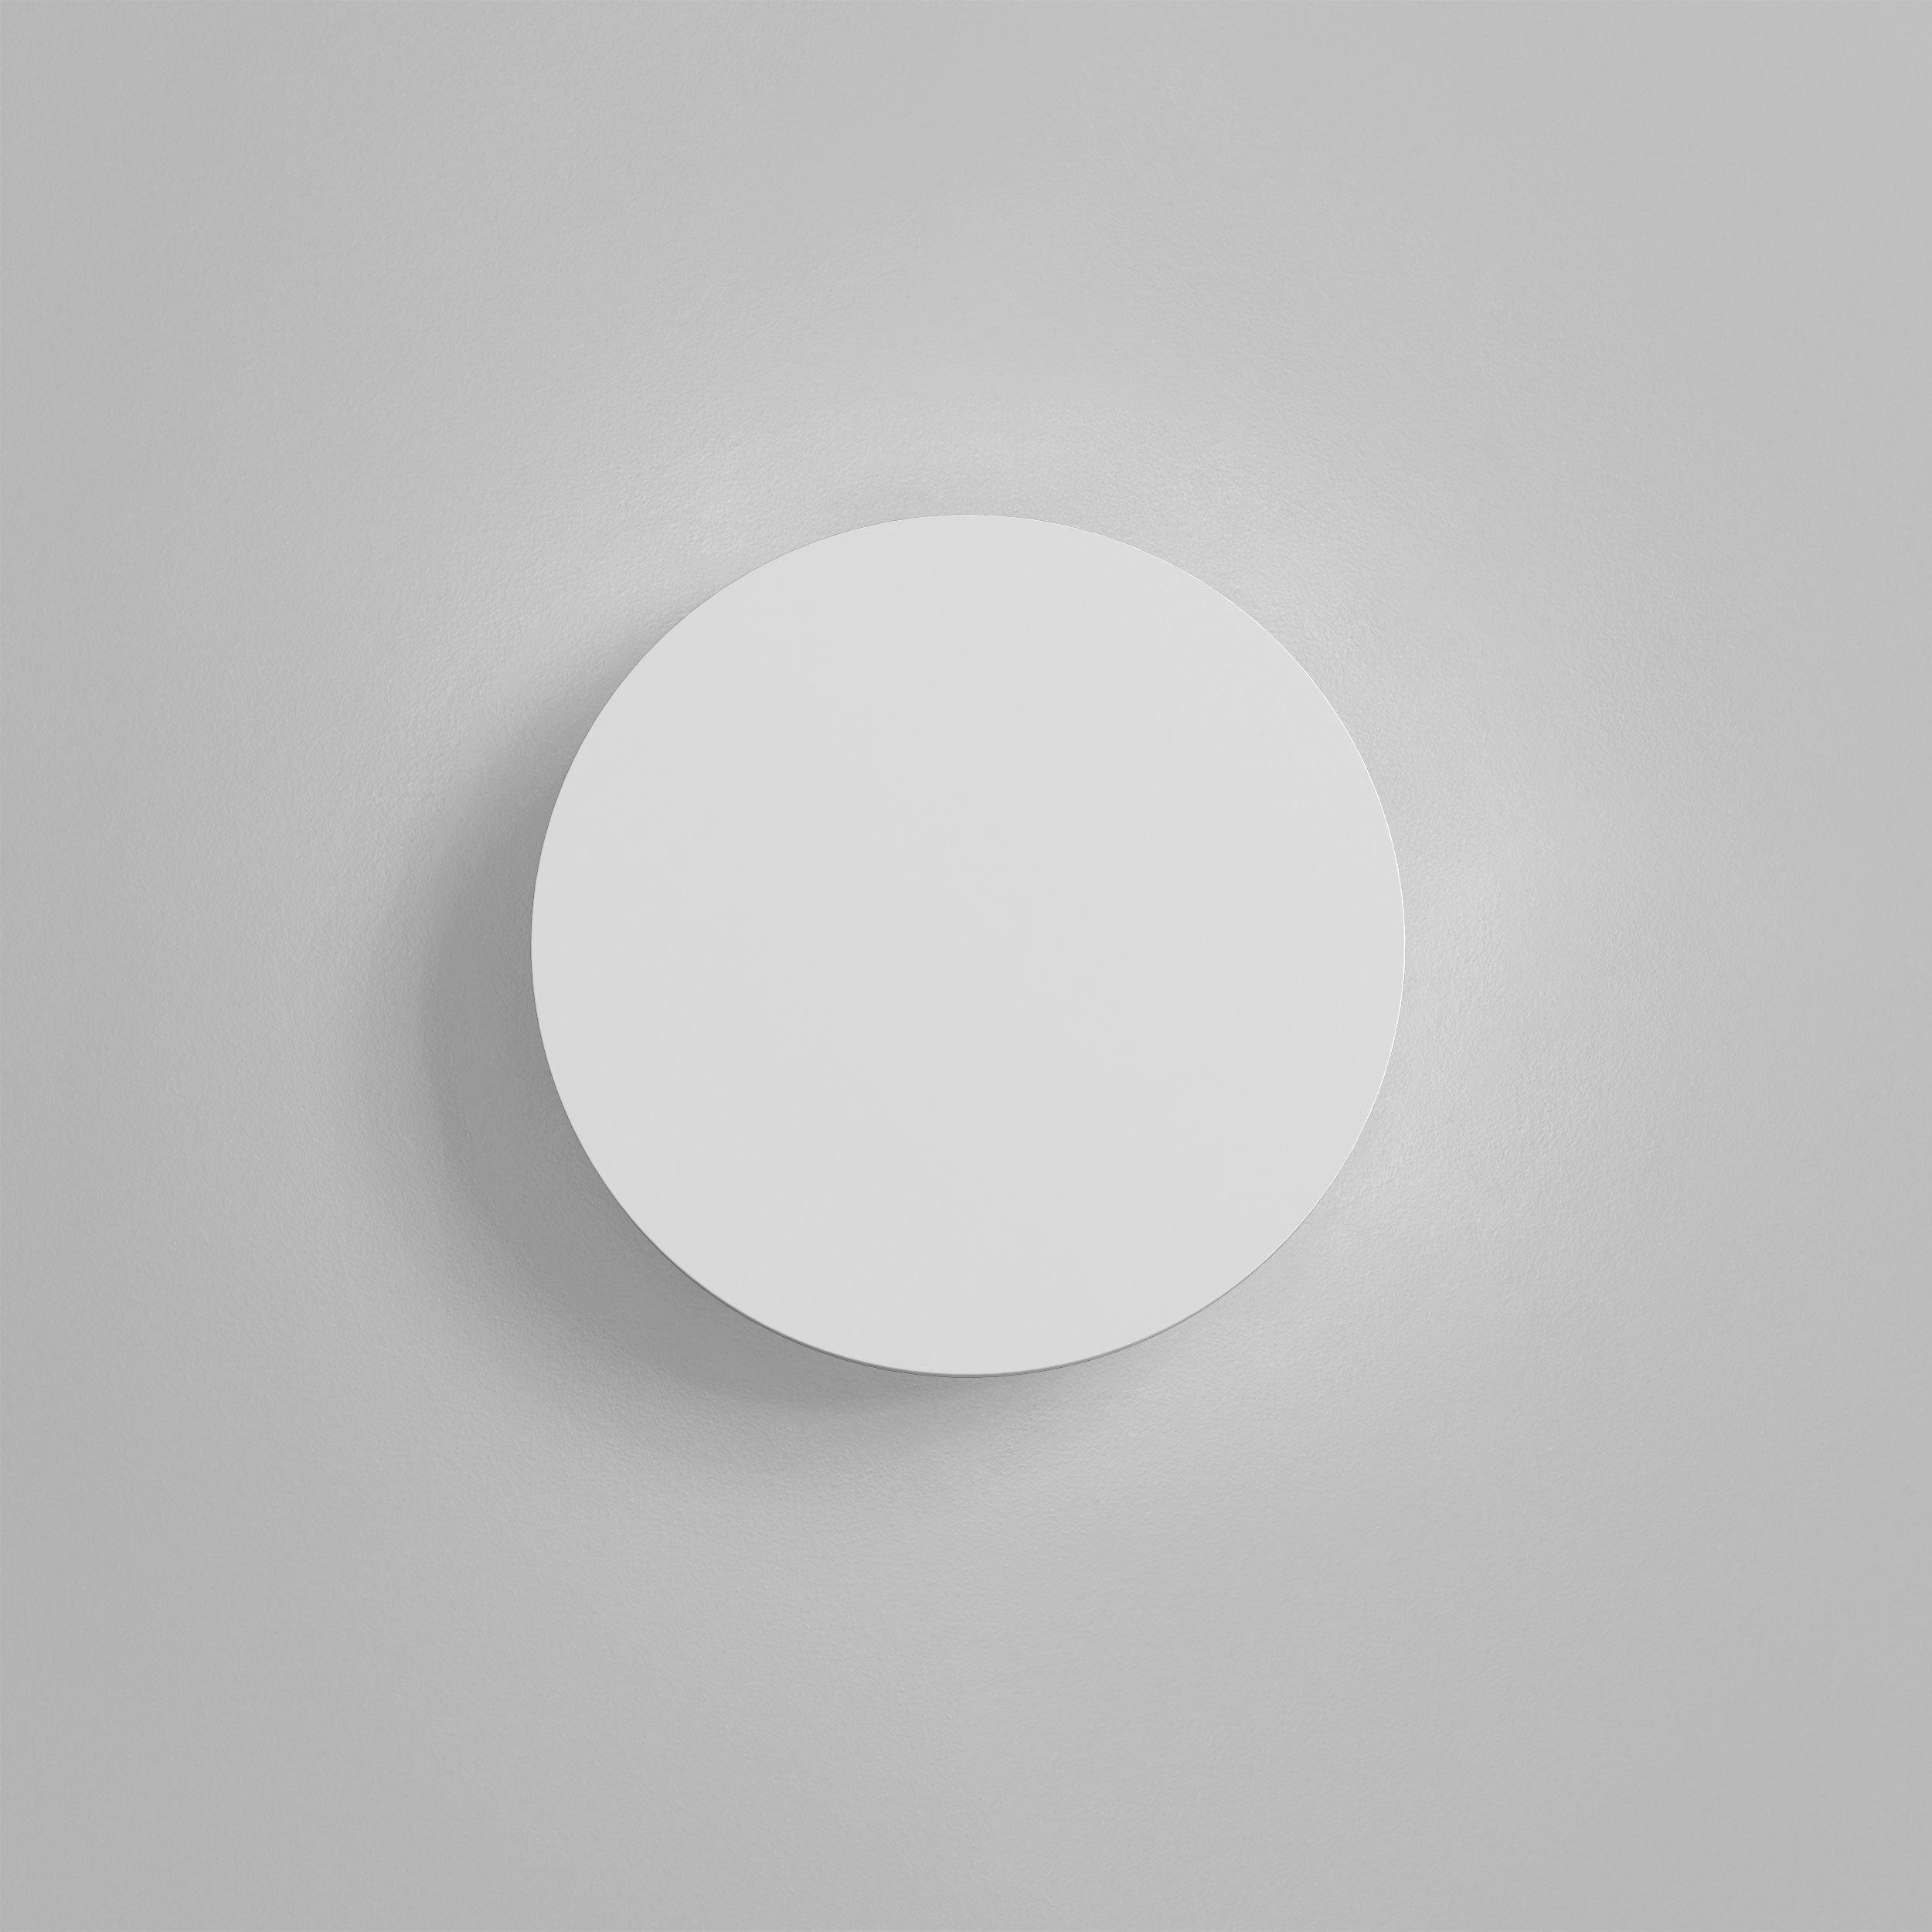 Настенный светодиодный светильник Astro Eclipse 1333005 (7611), LED 8,1W 2700K 357.43lm CRI60, белый, под покраску, гипс - фото 2